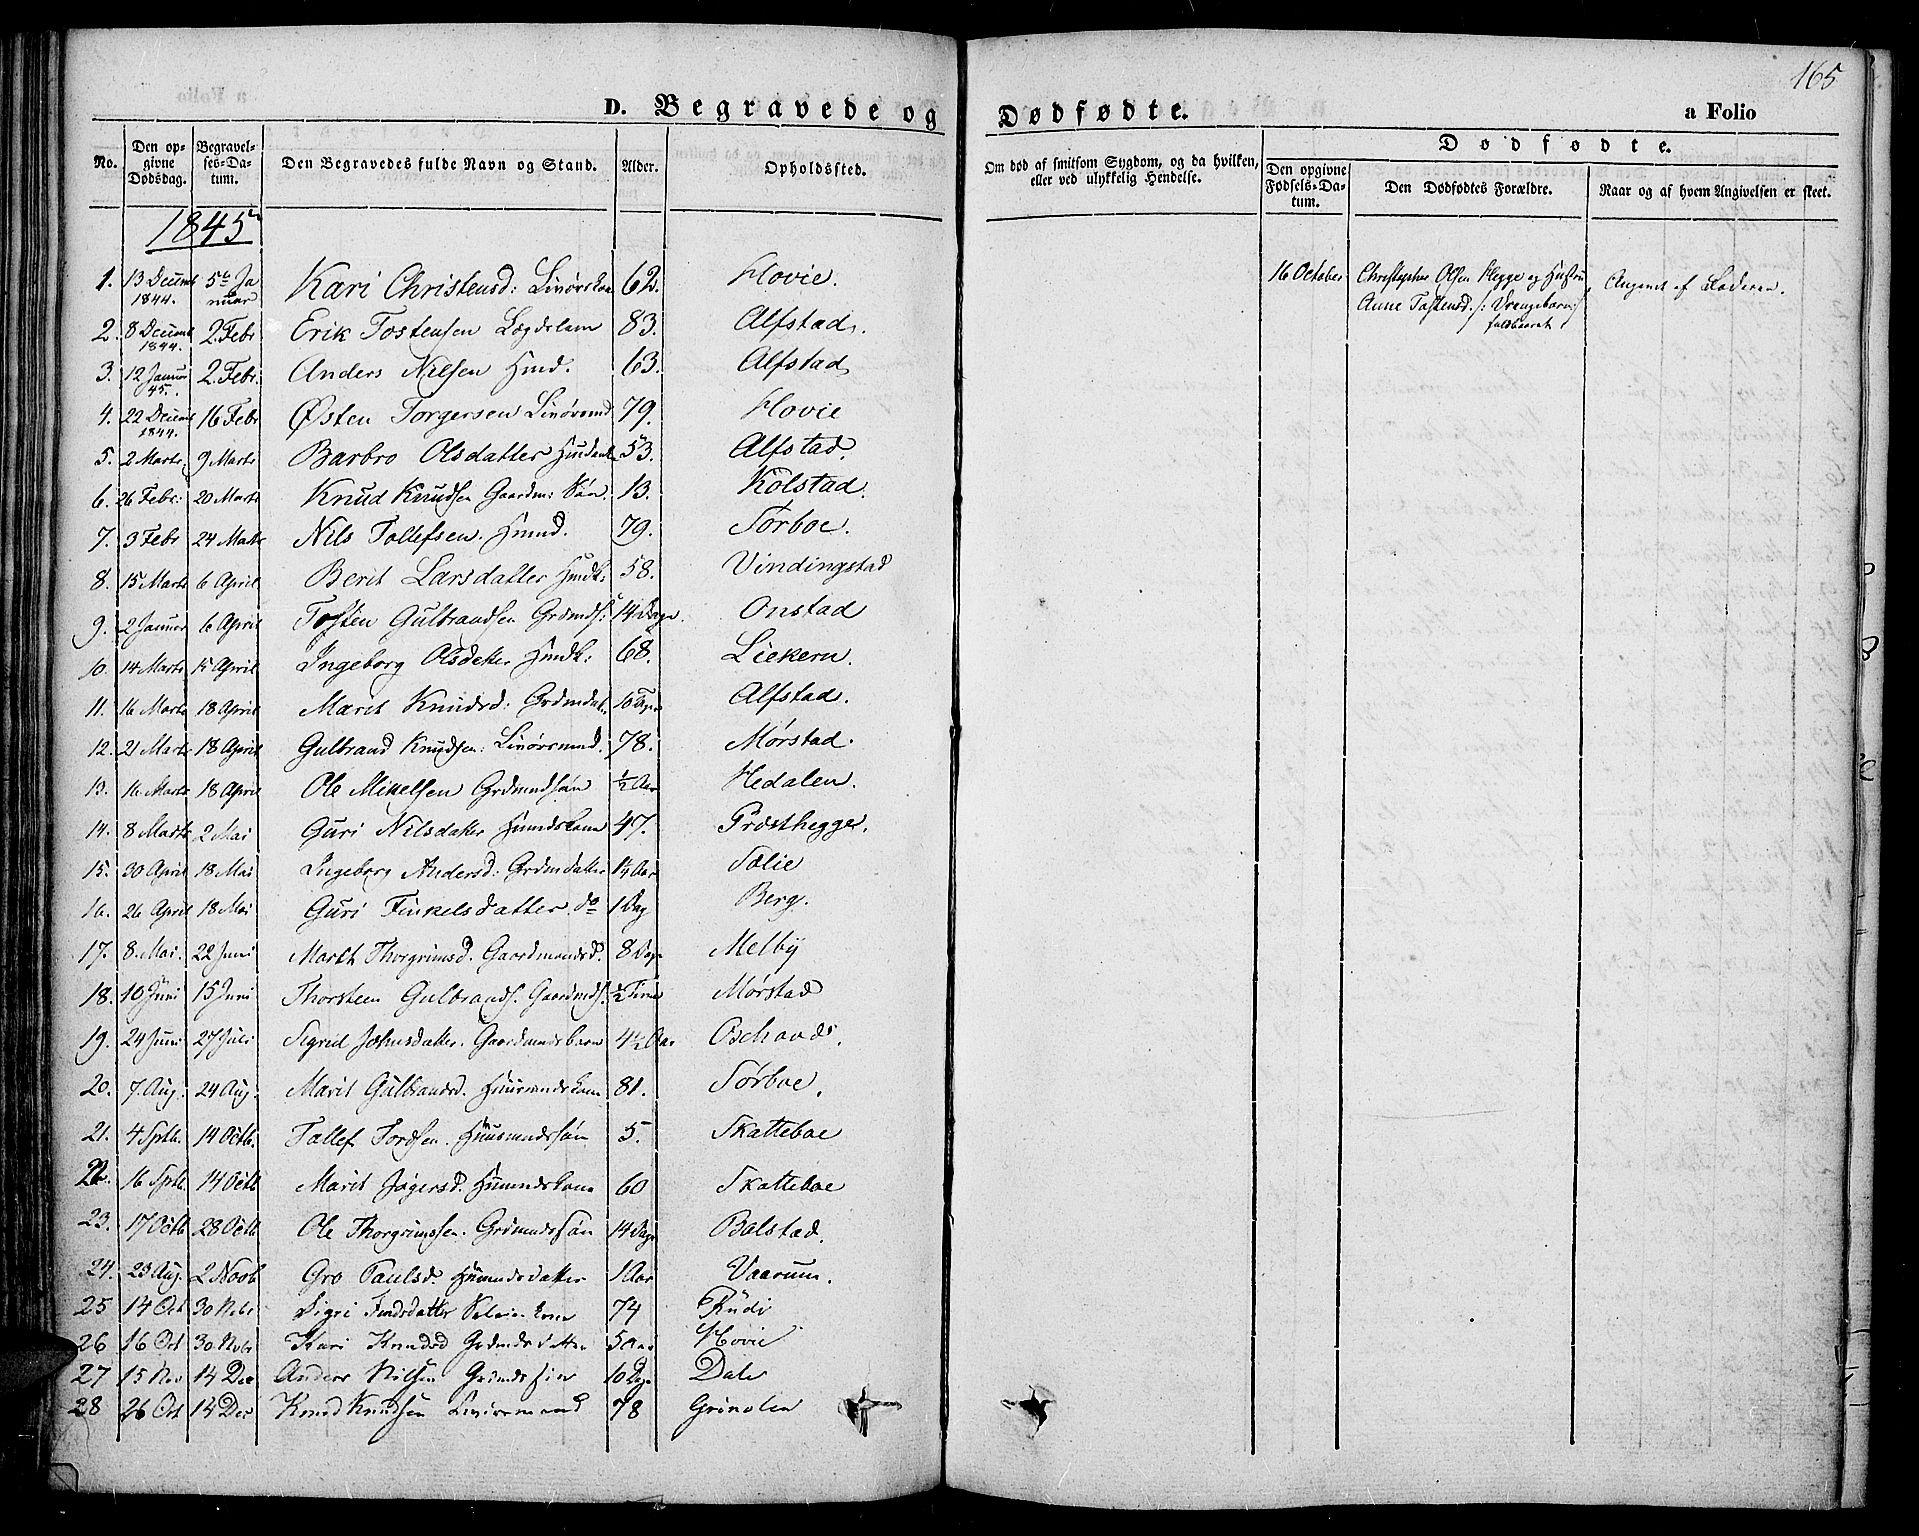 SAH, Slidre prestekontor, Ministerialbok nr. 4, 1831-1848, s. 165